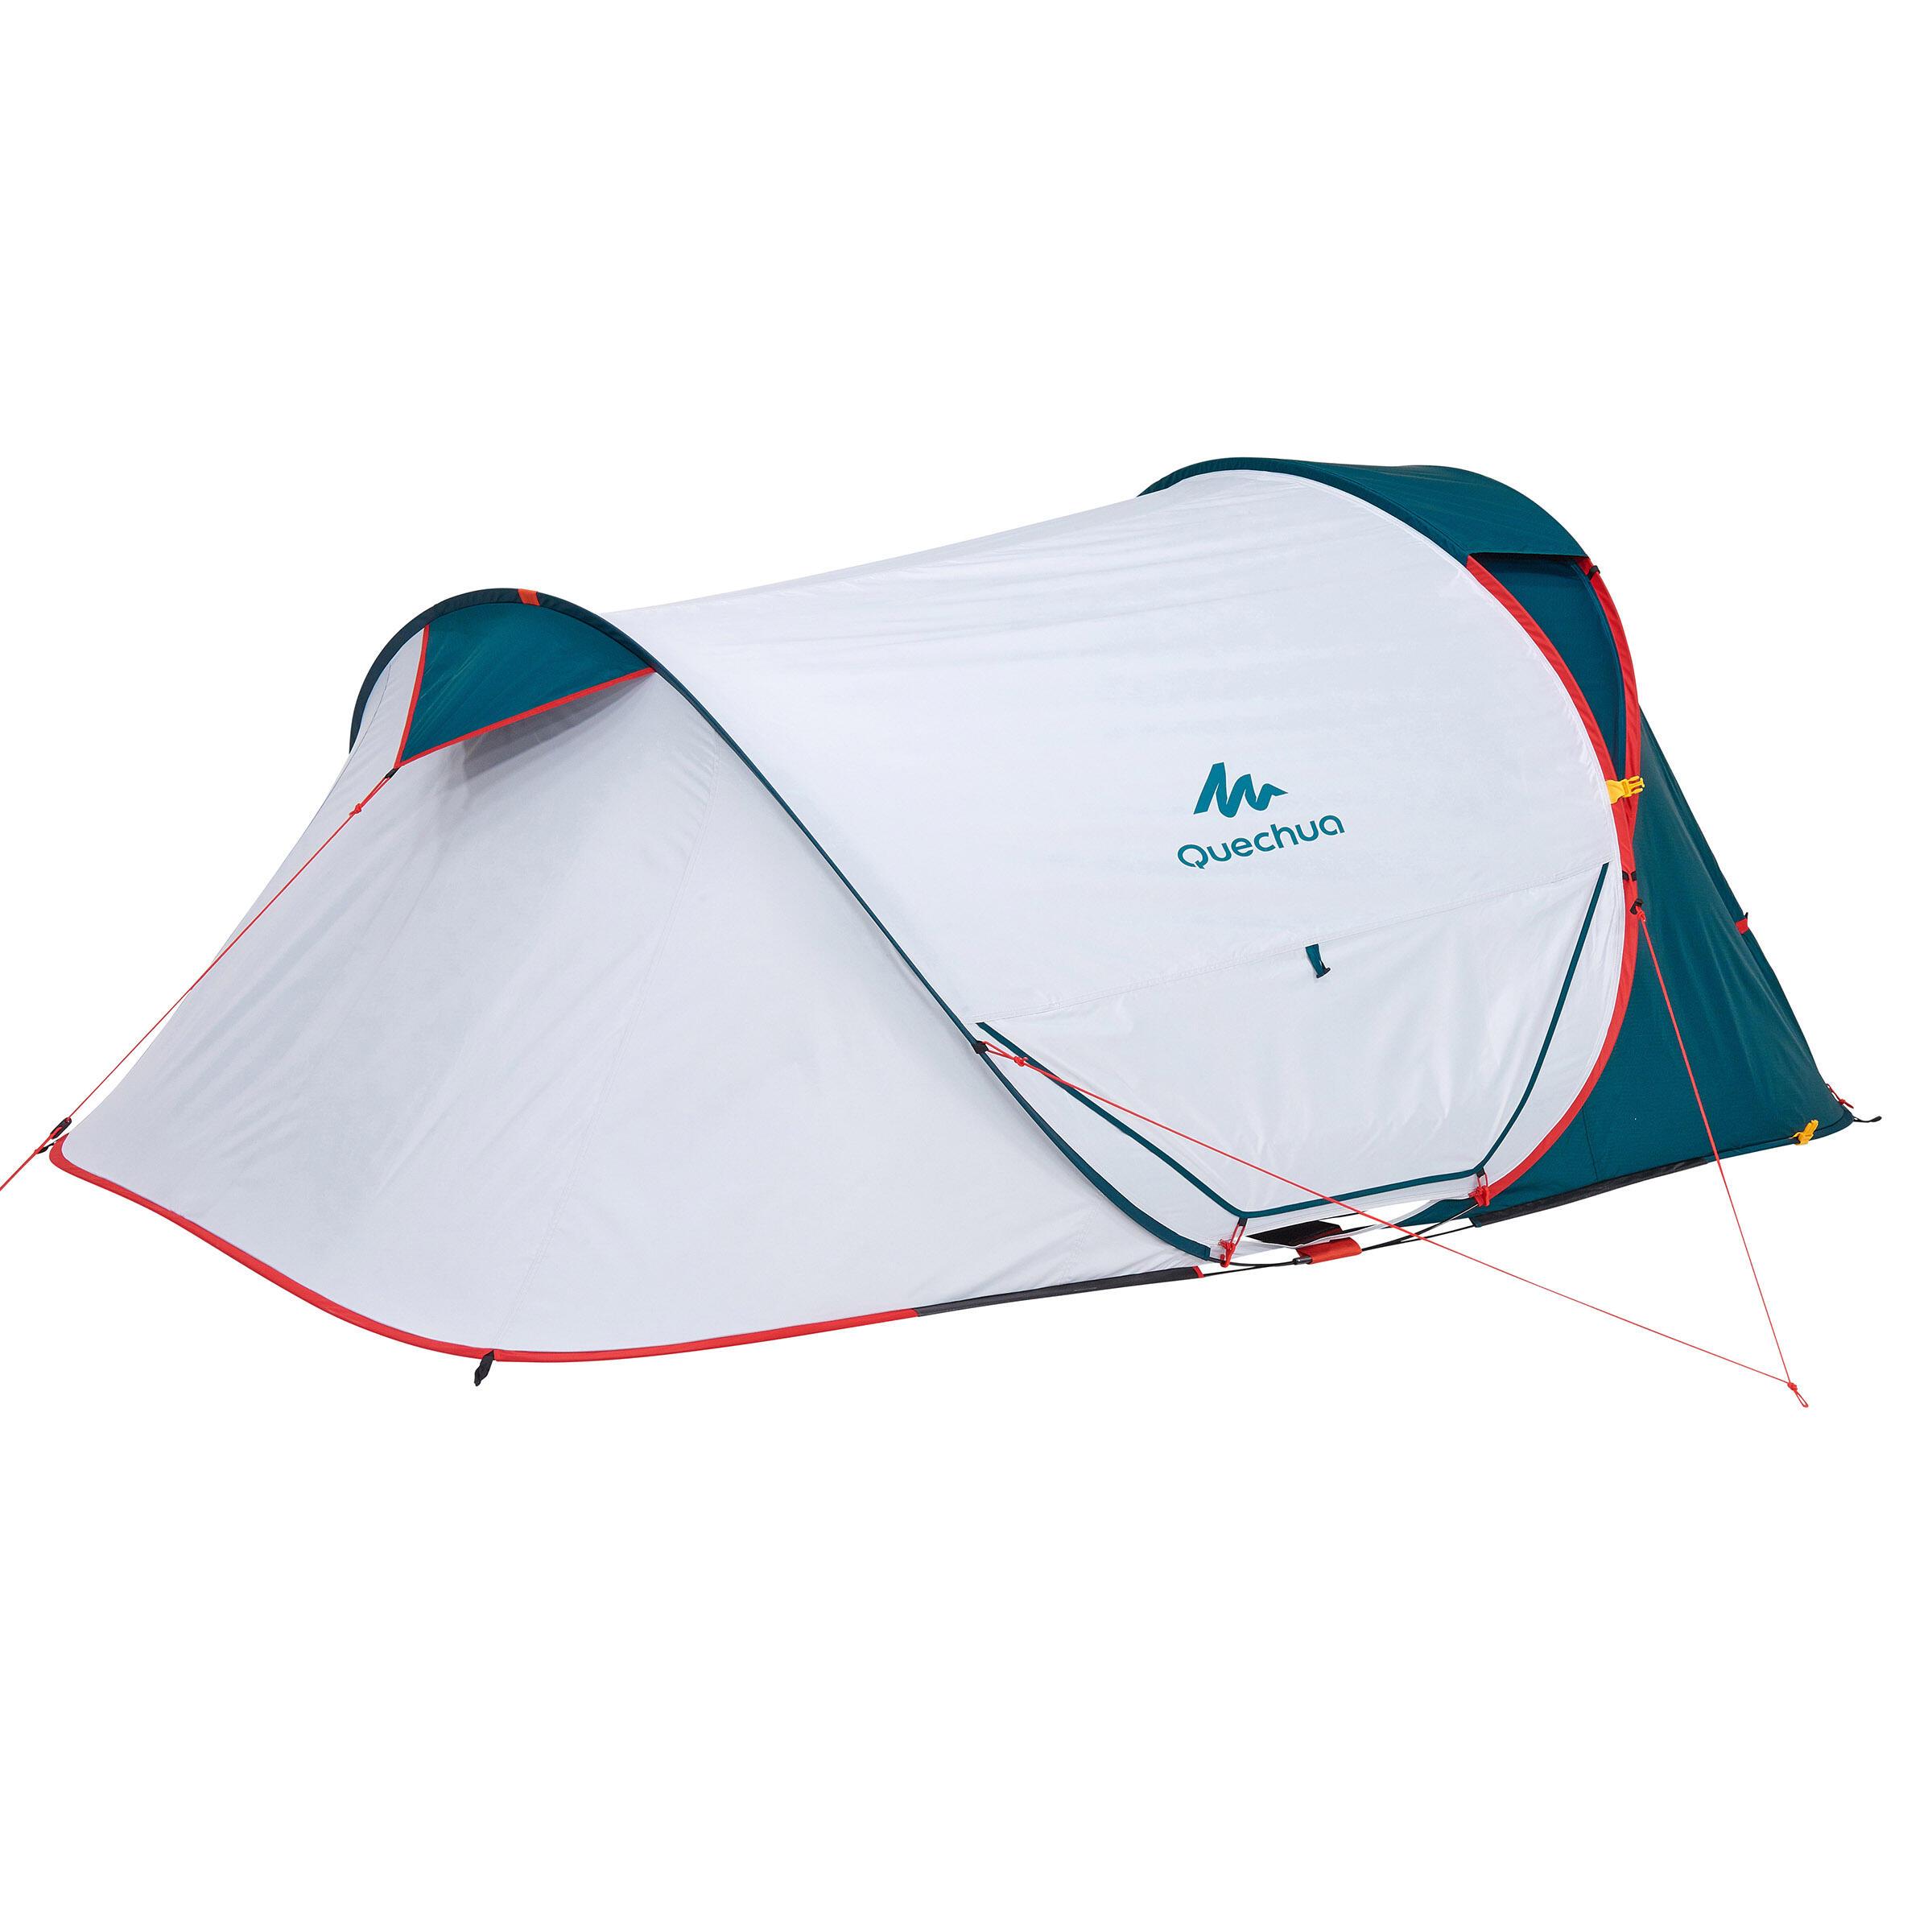 Quechua Buitentent voor Quechua-tent 2 Seconds 2 XL Fresh & Black